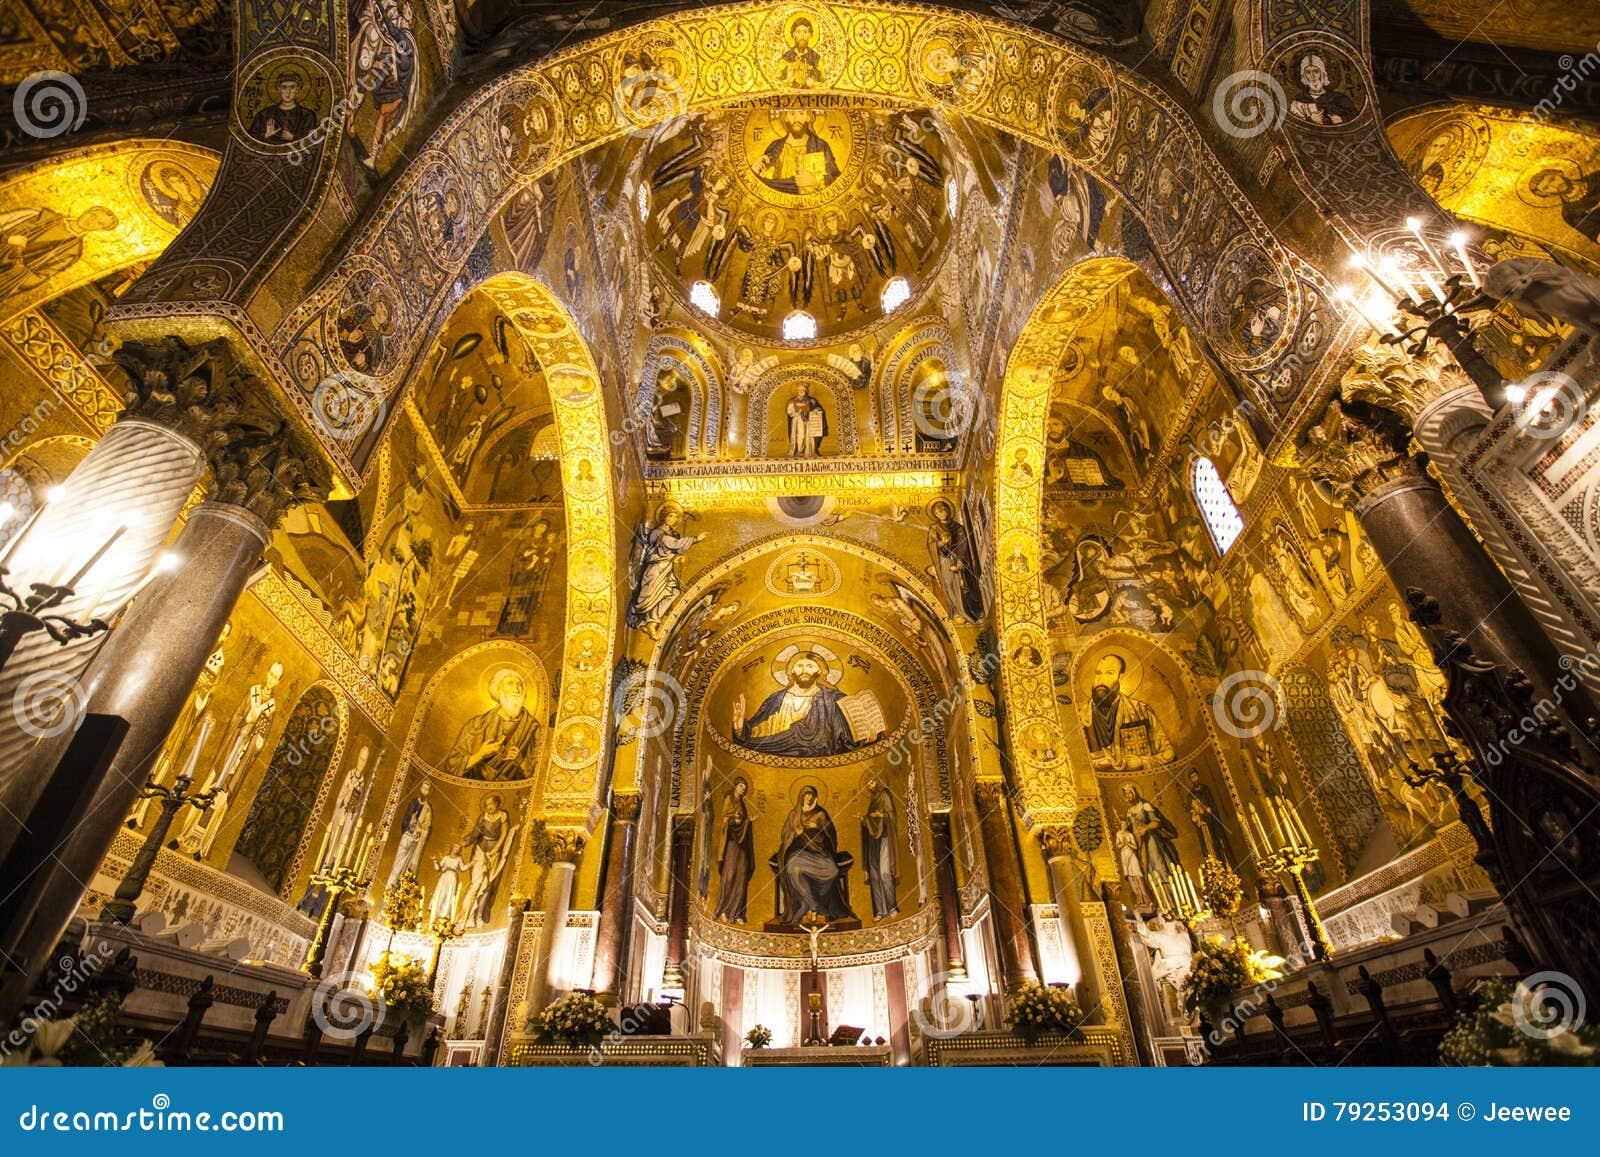 Interior of the Capella Palatina Chapel inside the Palazzo dei Normanni in Palermo, Sicily, Italy